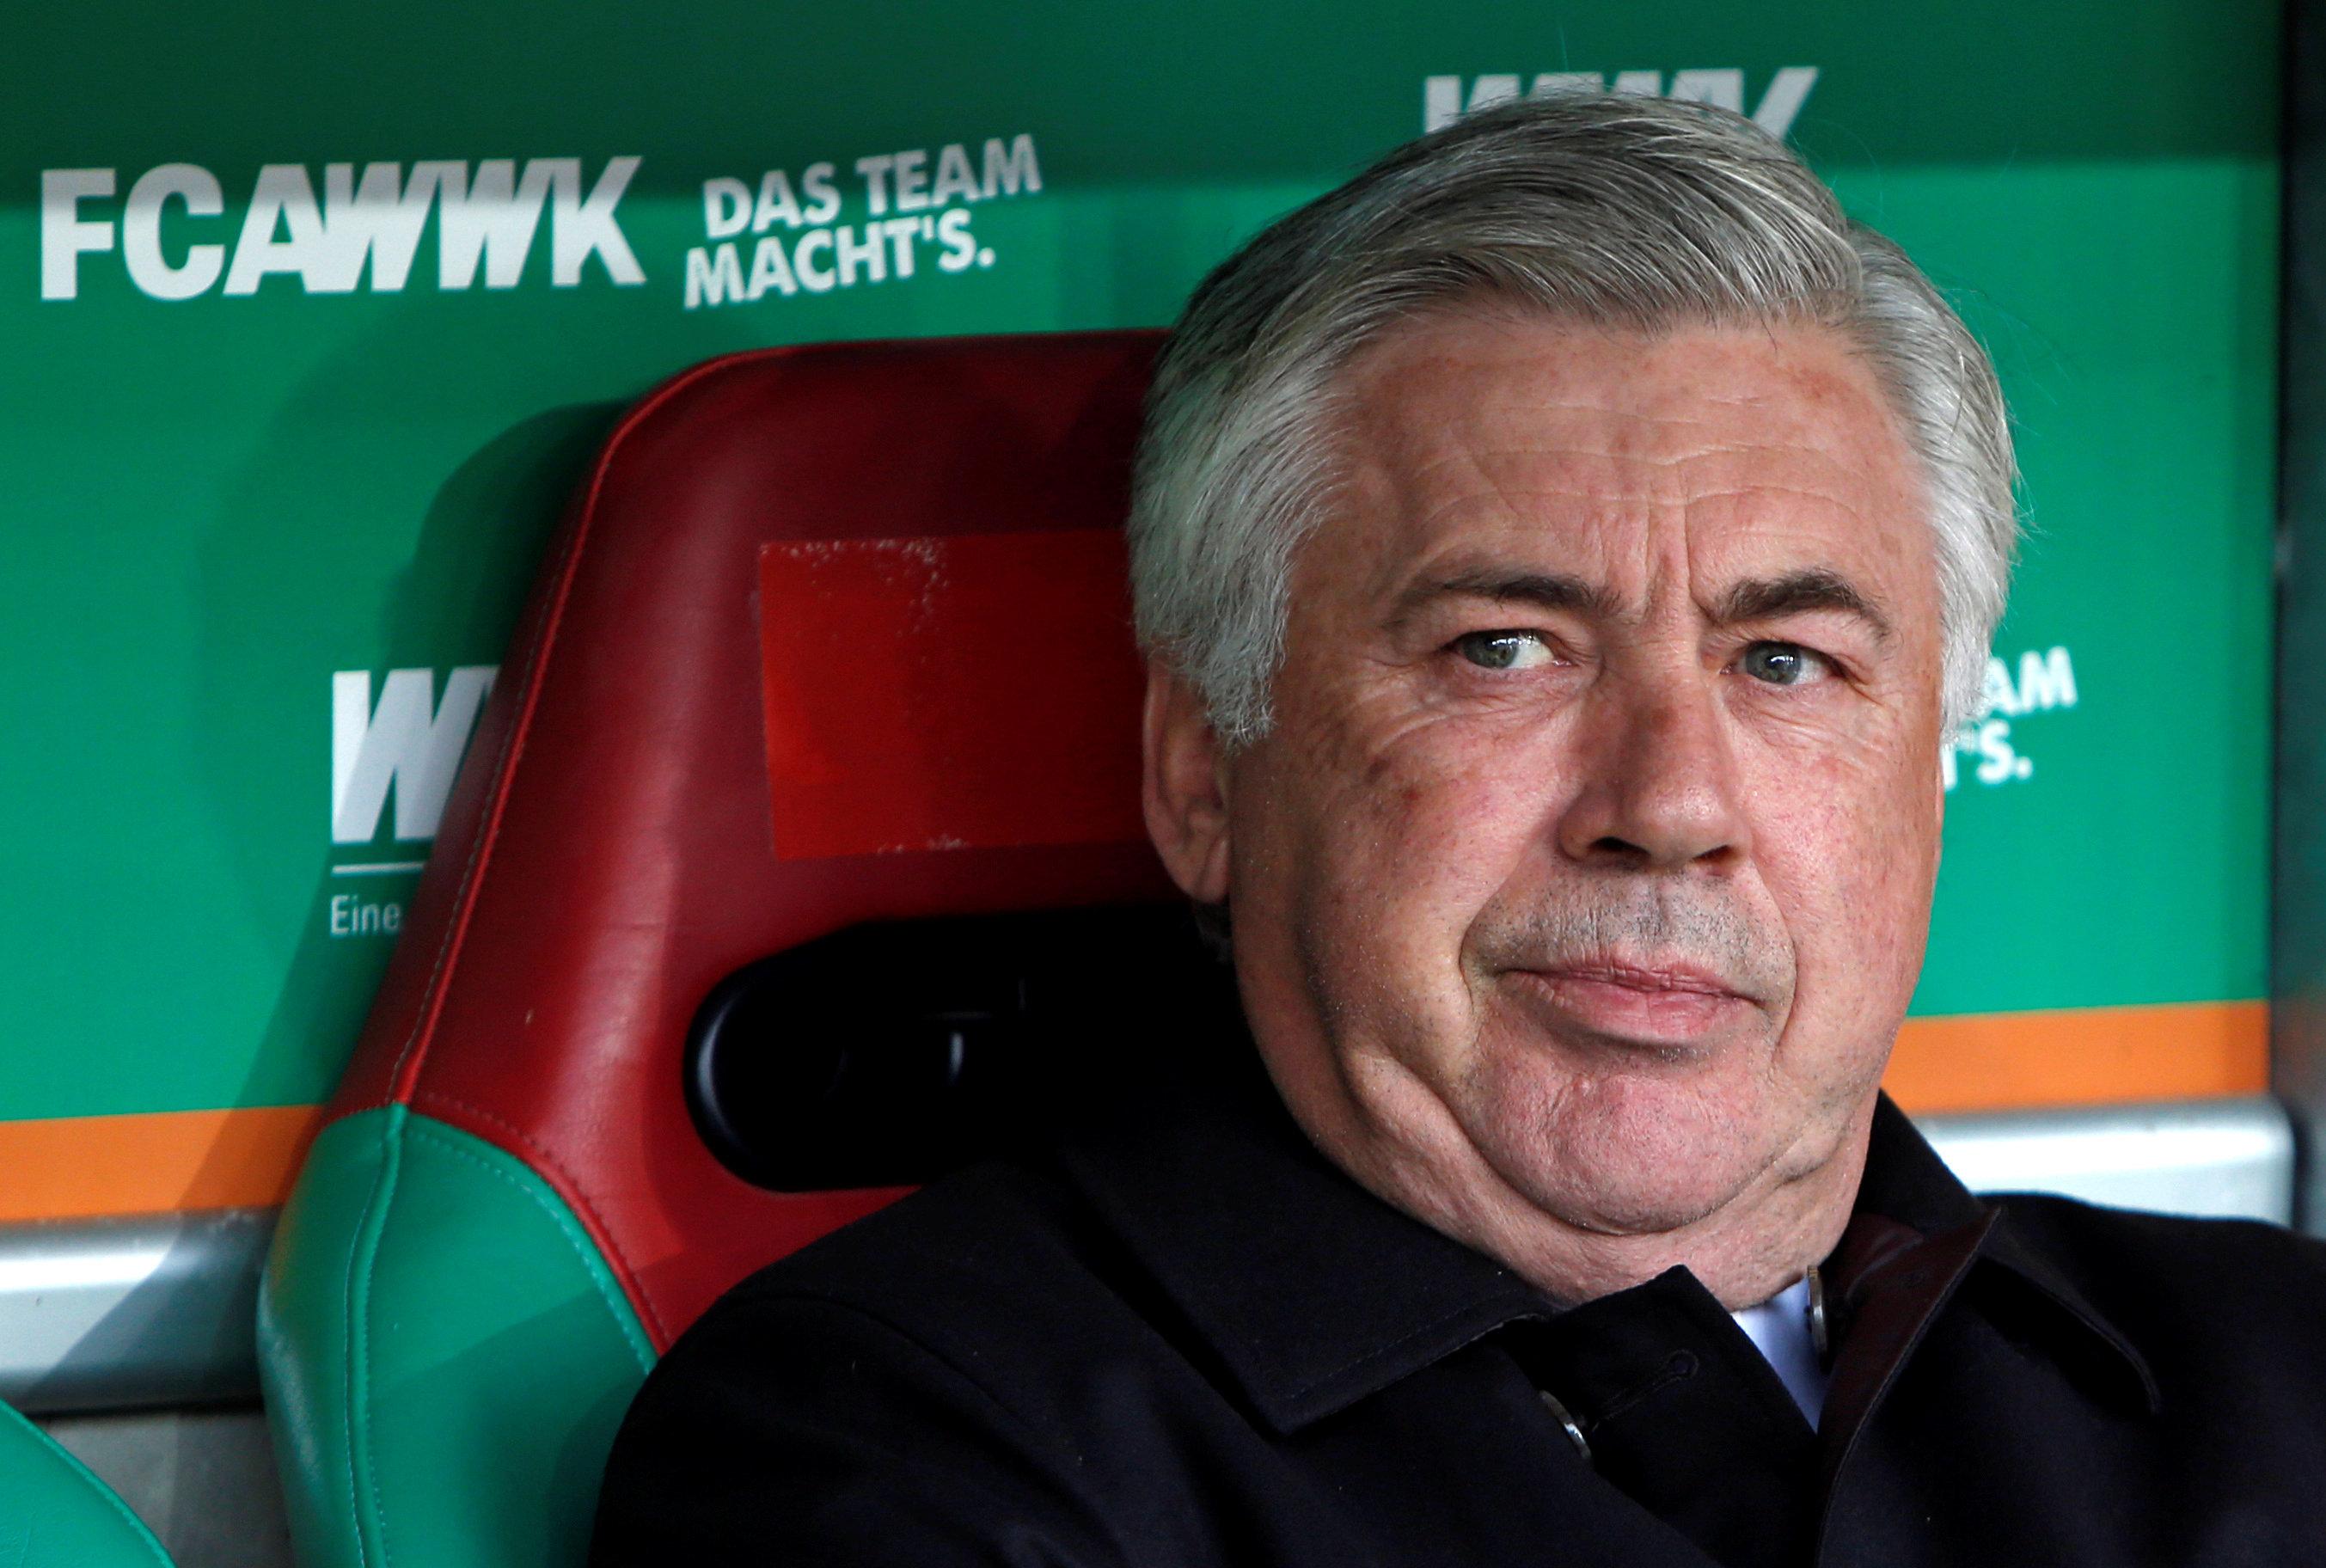 Наставник мюнхенской команды на пресс-конференции вспомнил свой визит в Ростов-на-Дону и поведал о планах на завтрашнюю игру.